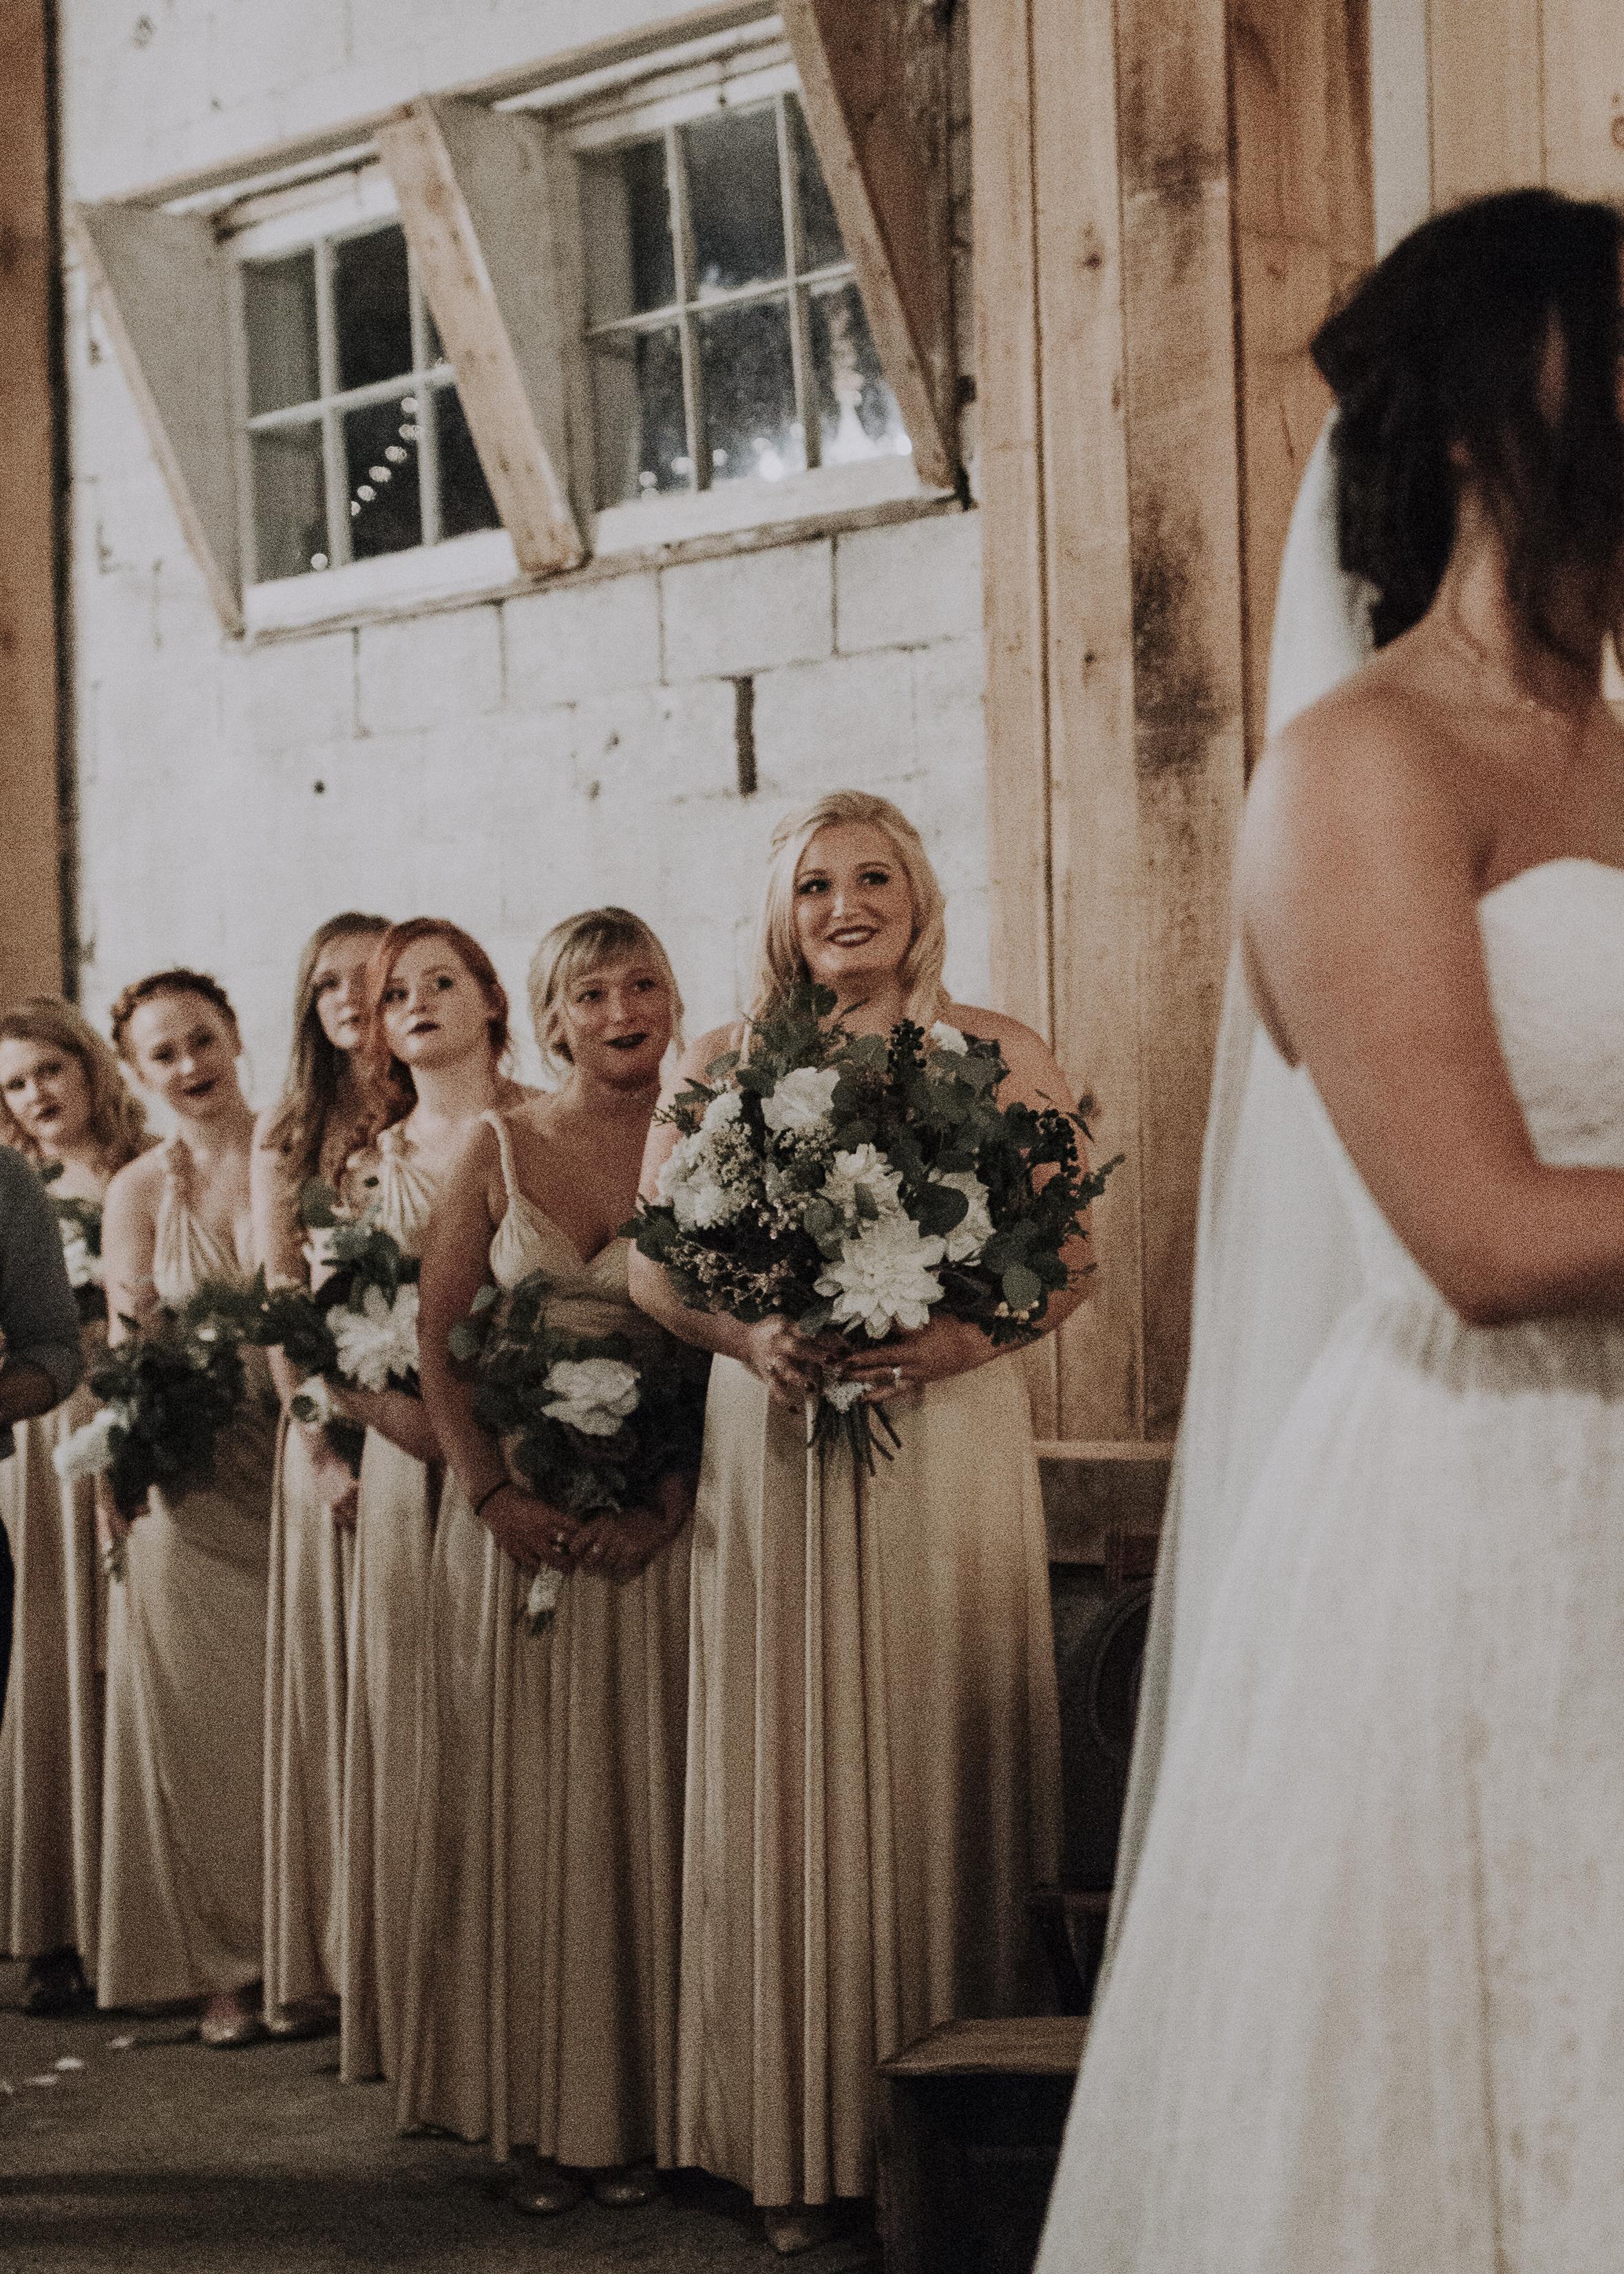 ryan-and-rosie-patterson-wedding-177.jpg